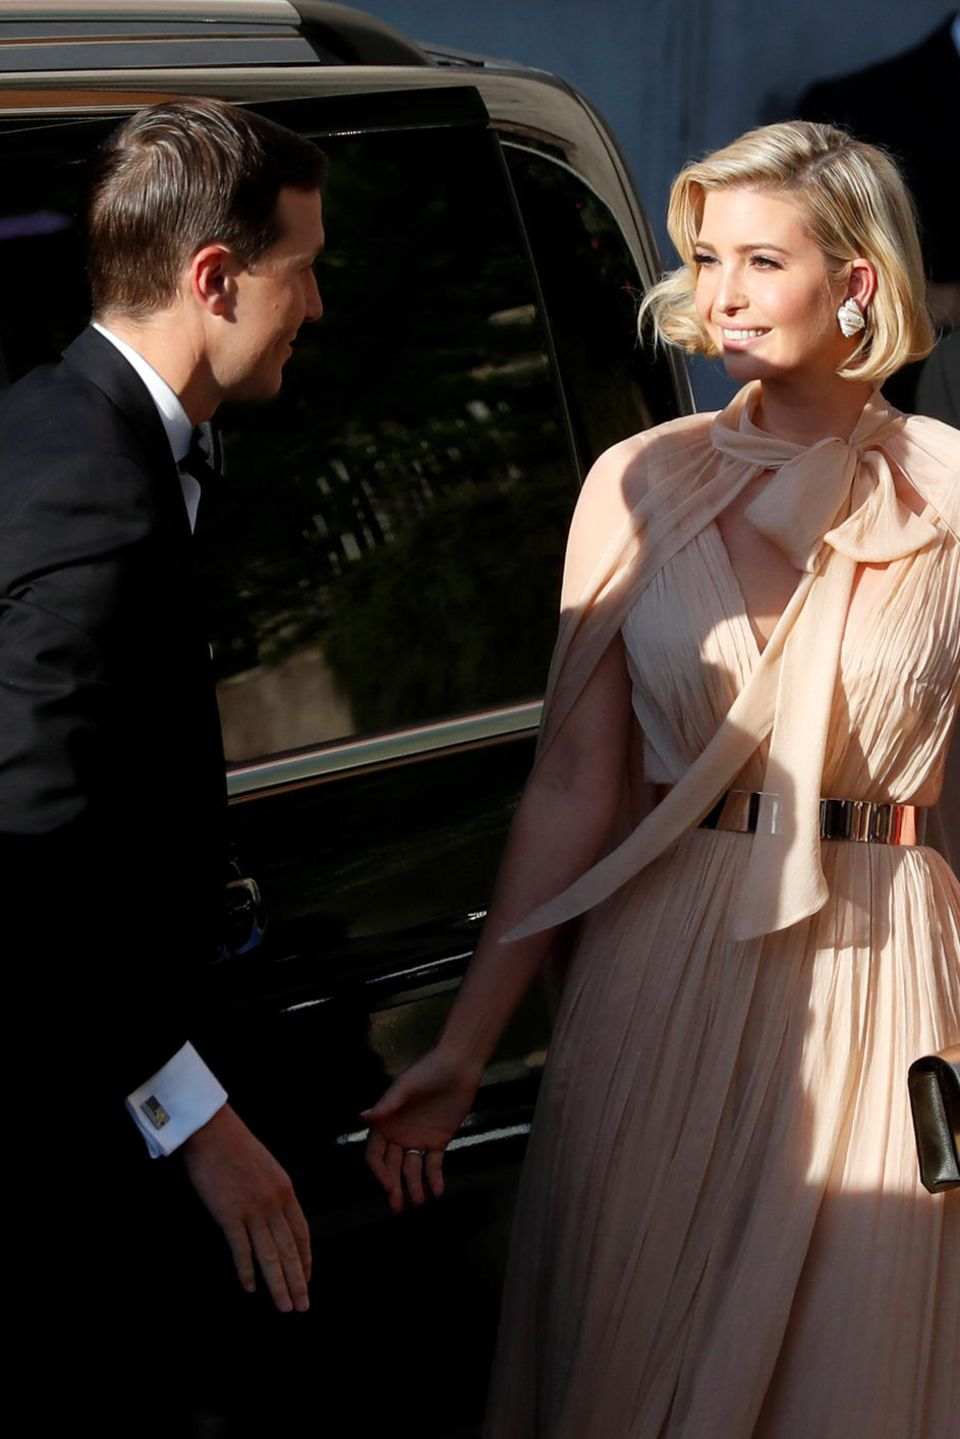 Jared Kushern mit Ehefrau und US-Präsidententochter Ivanka Trump kommen an der Villa Aurelia an. Trump trägt ein glamouröses Cape-Kleid in Nude mit elegantem Gold-Gürtel um die Taille.